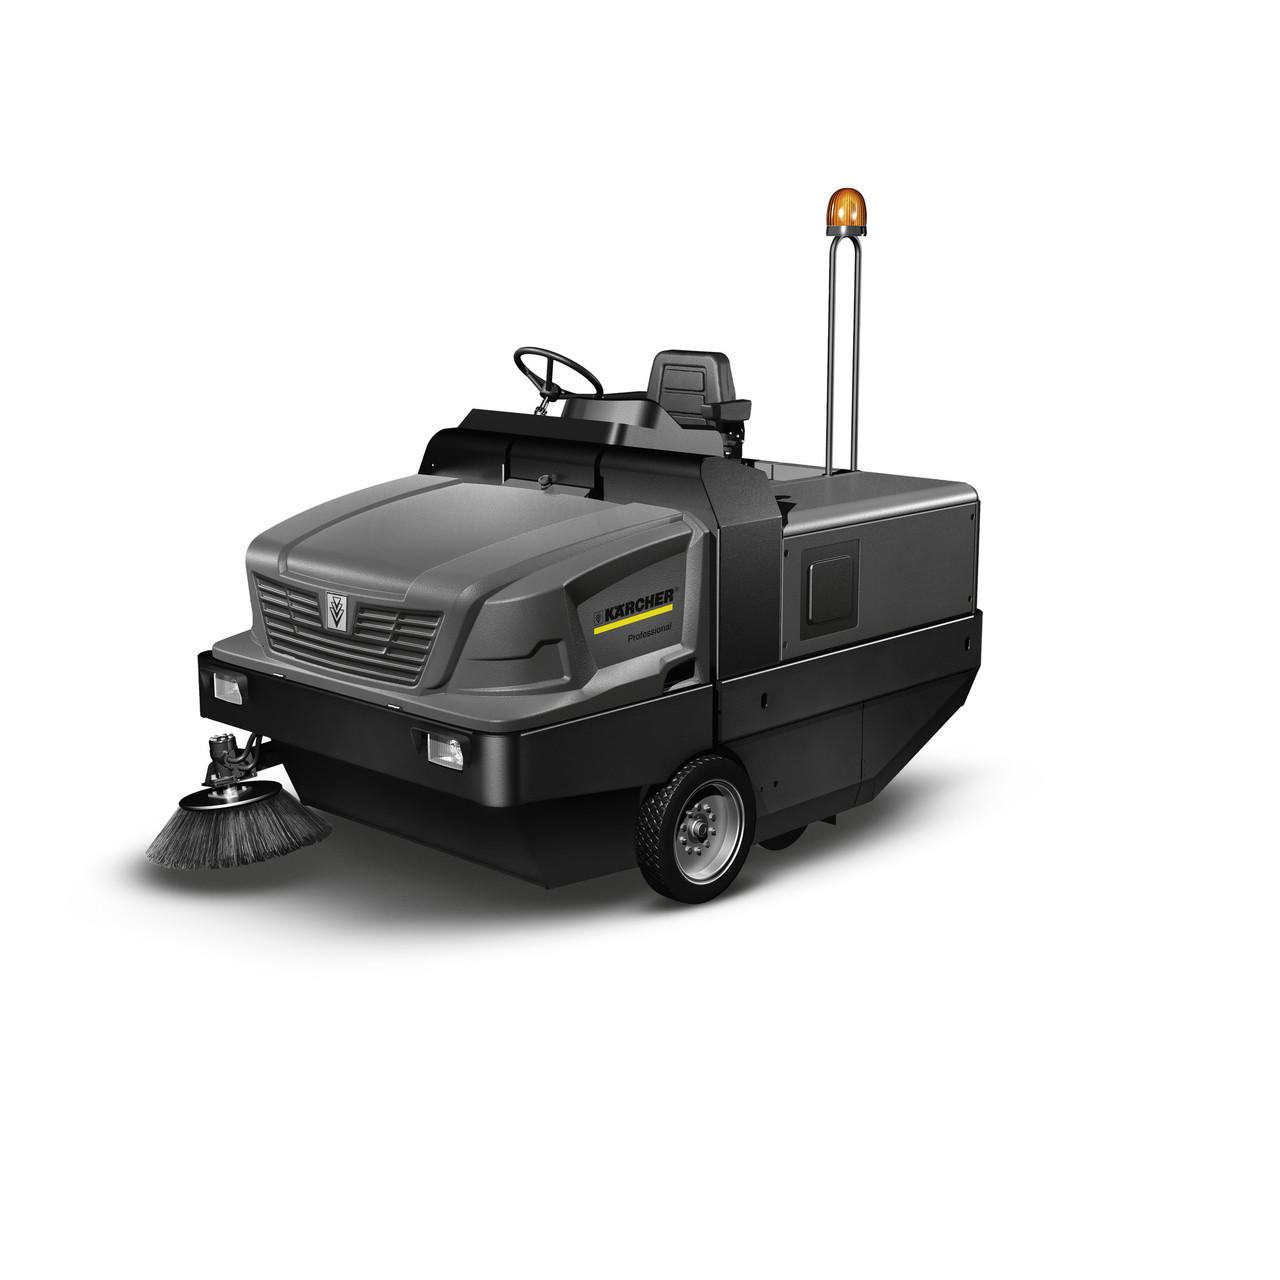 Подметально-всасывающая машина Karcher KM 150/500 R D